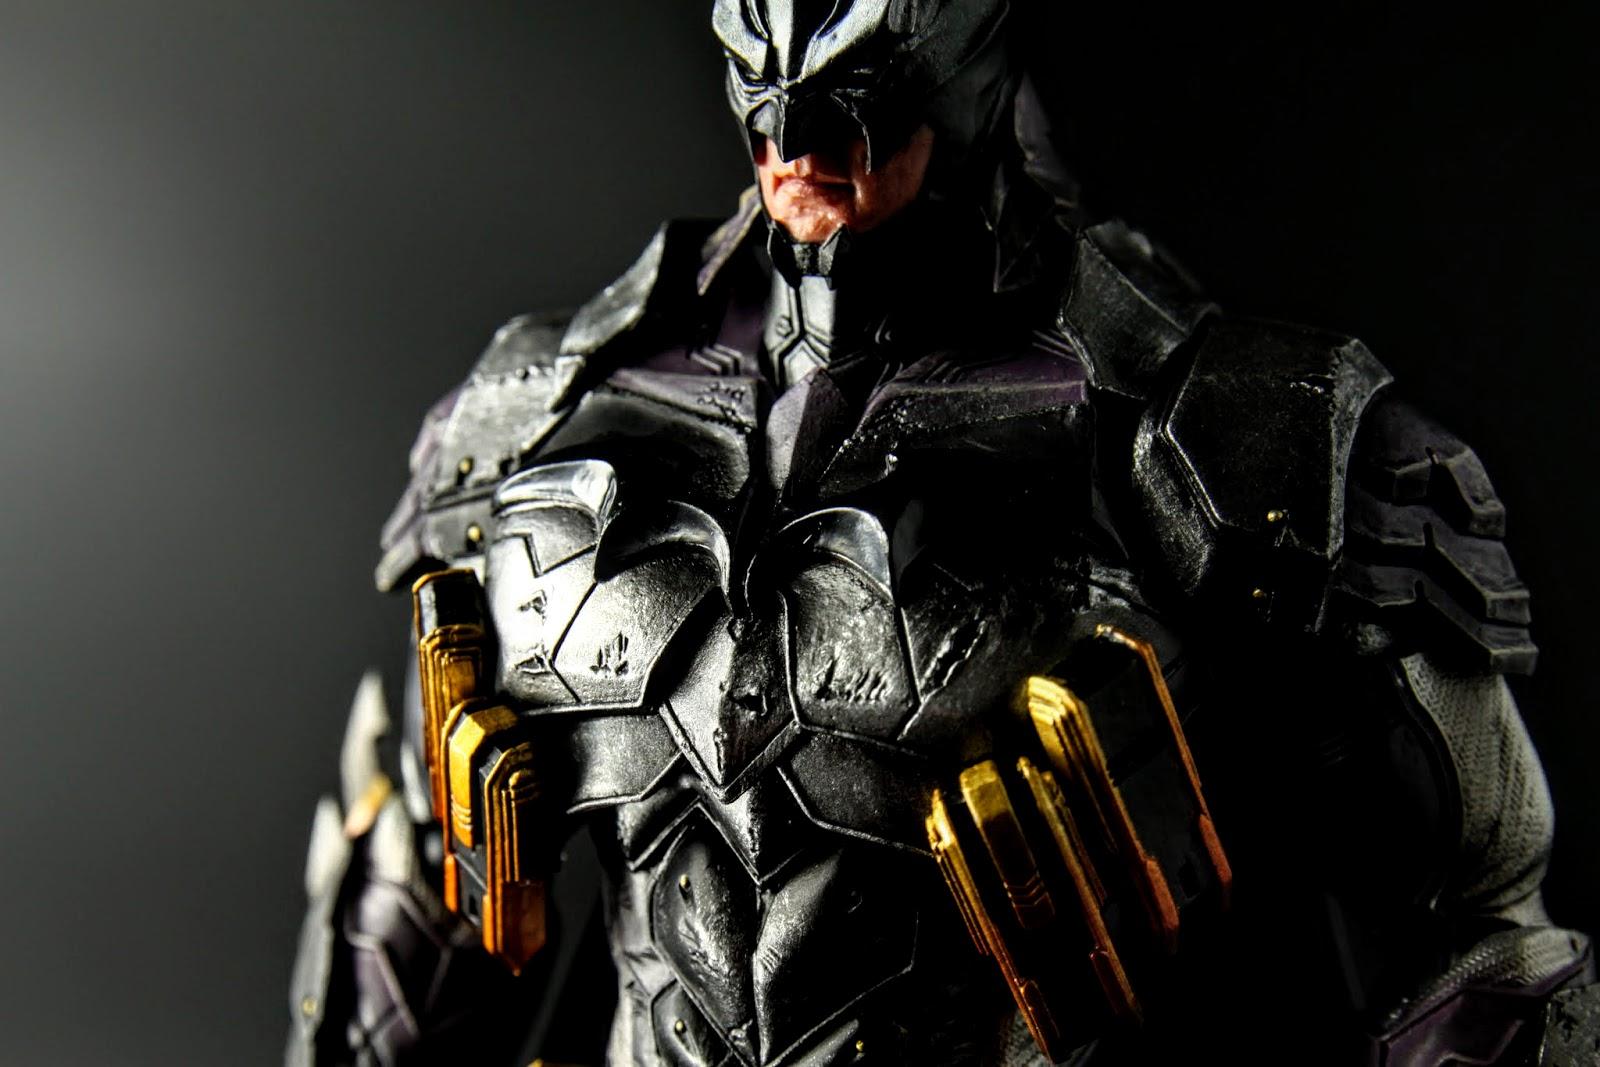 胸甲超級壯碩,不過配色原因蝙蝠標誌不太清楚